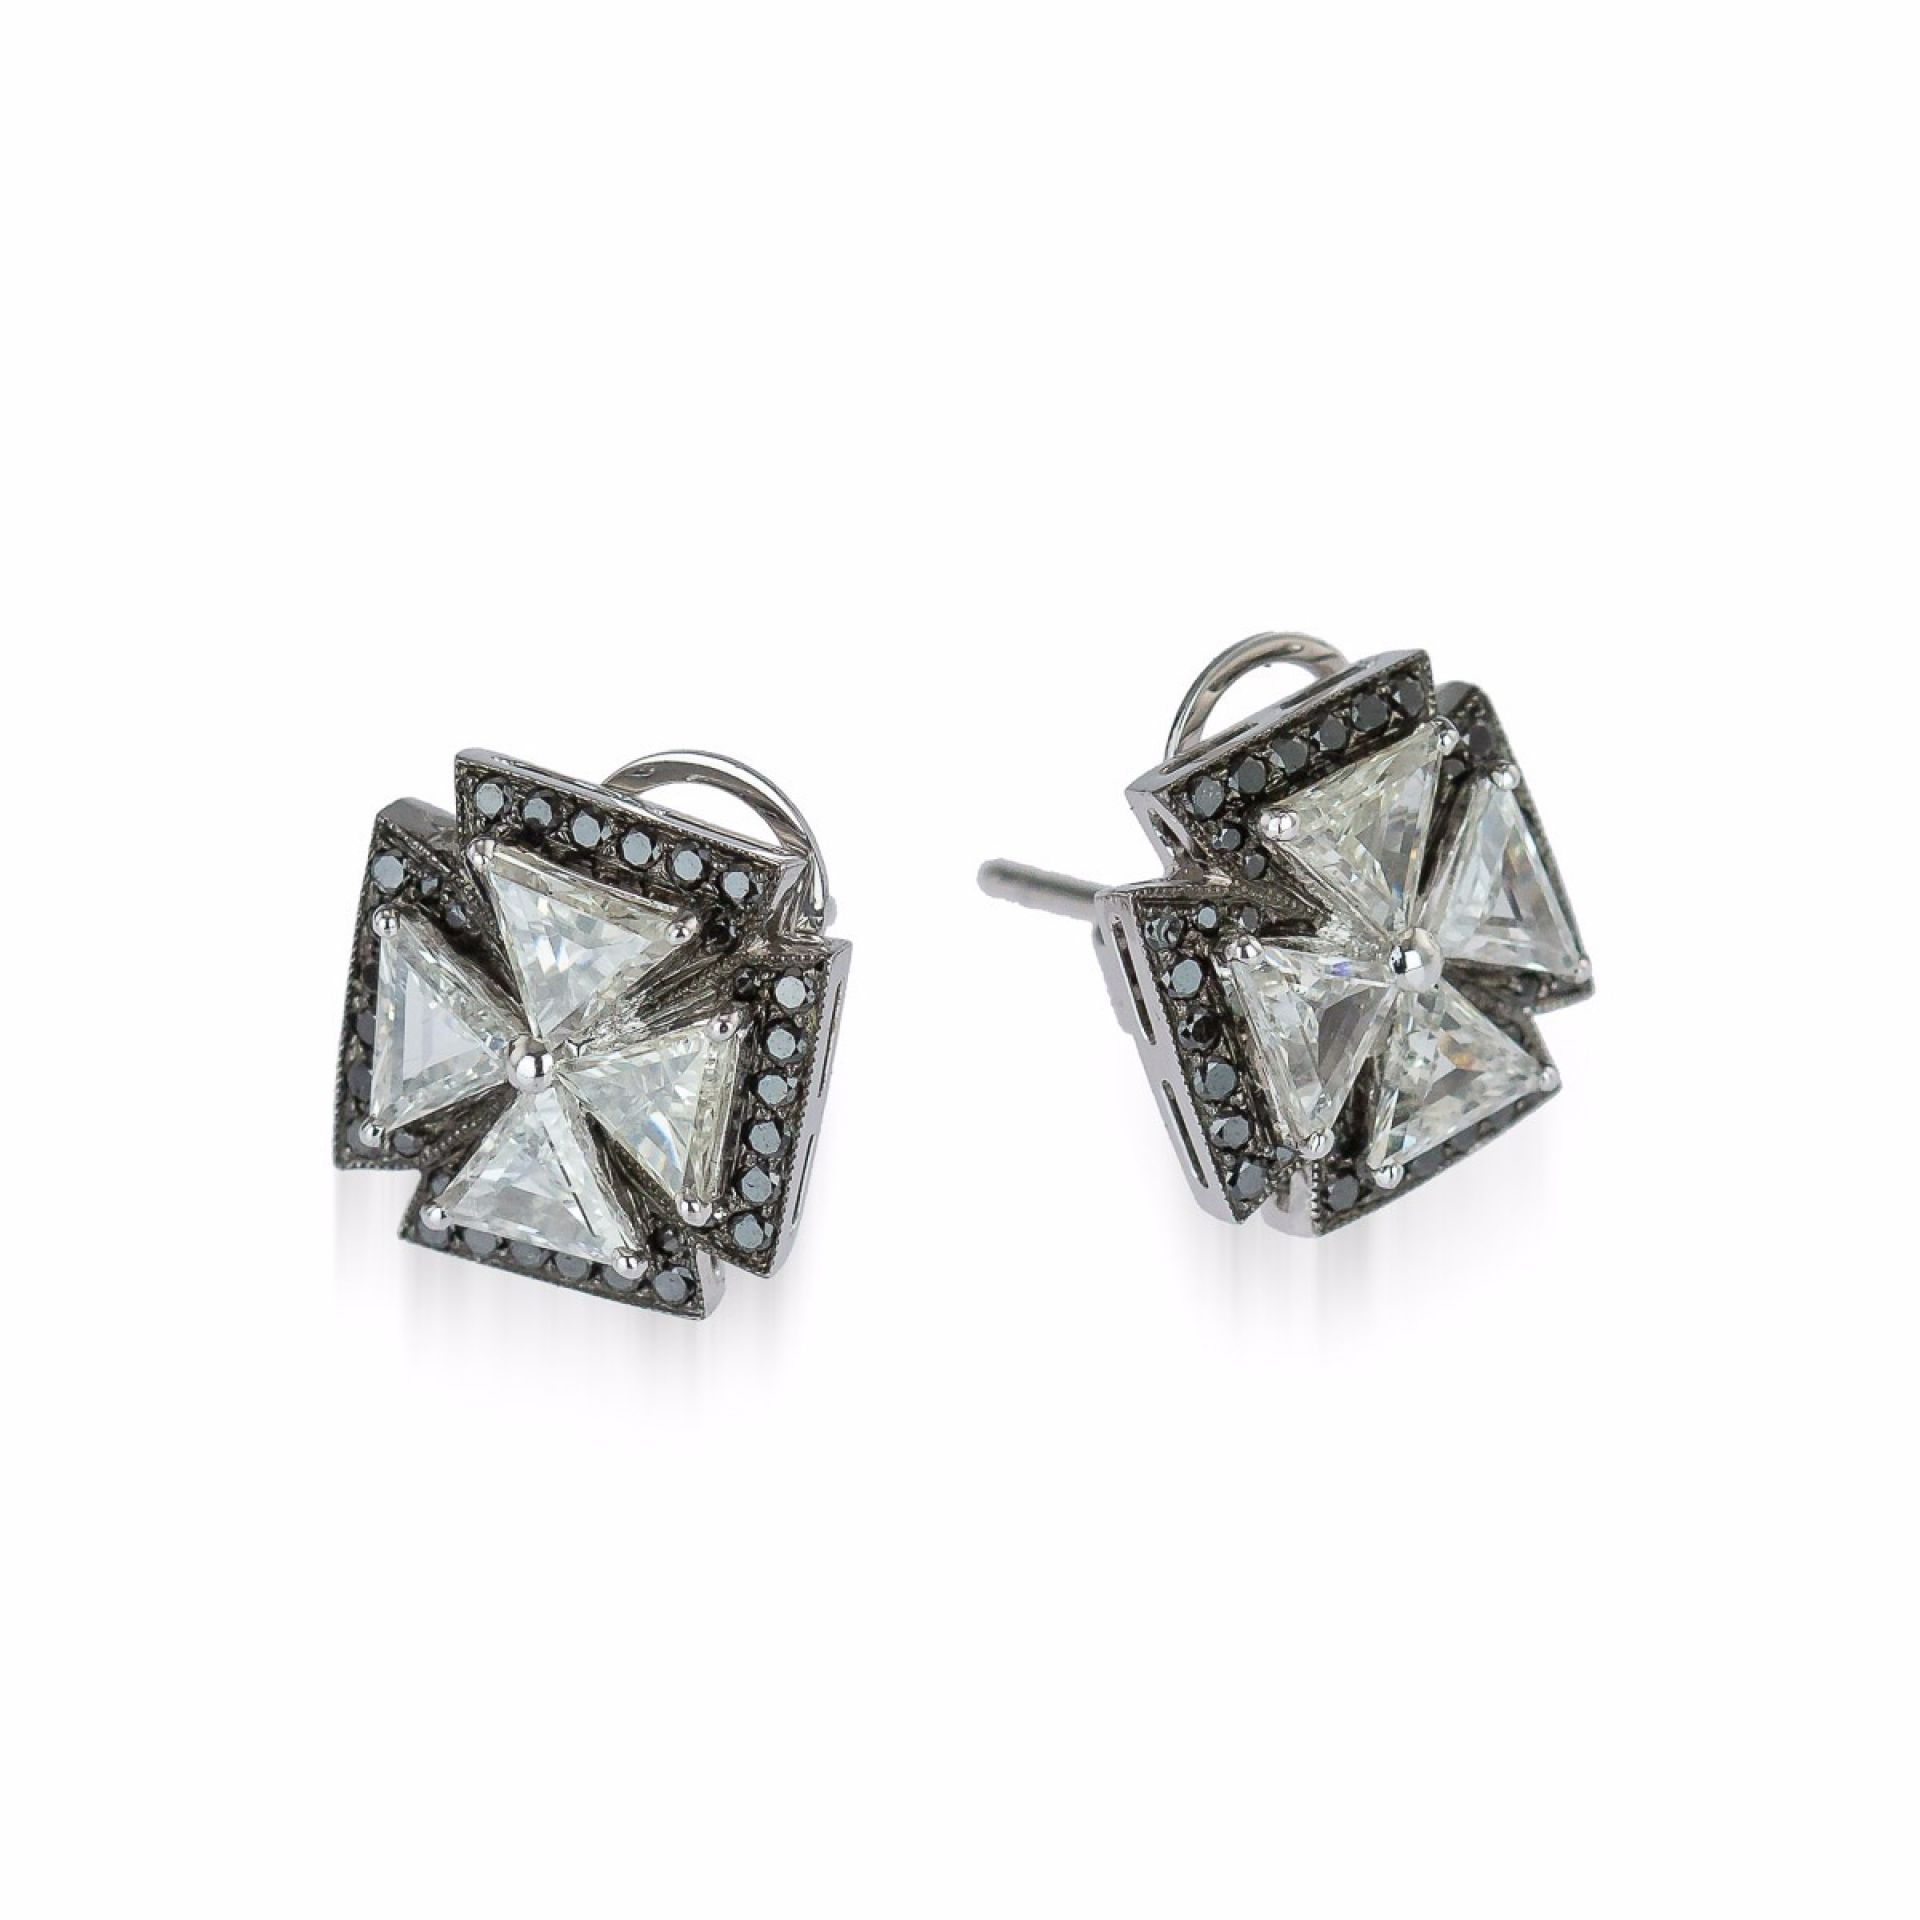 MALTESE CROSS 18K WHITE GOLD & DIAMOND EARRINGS